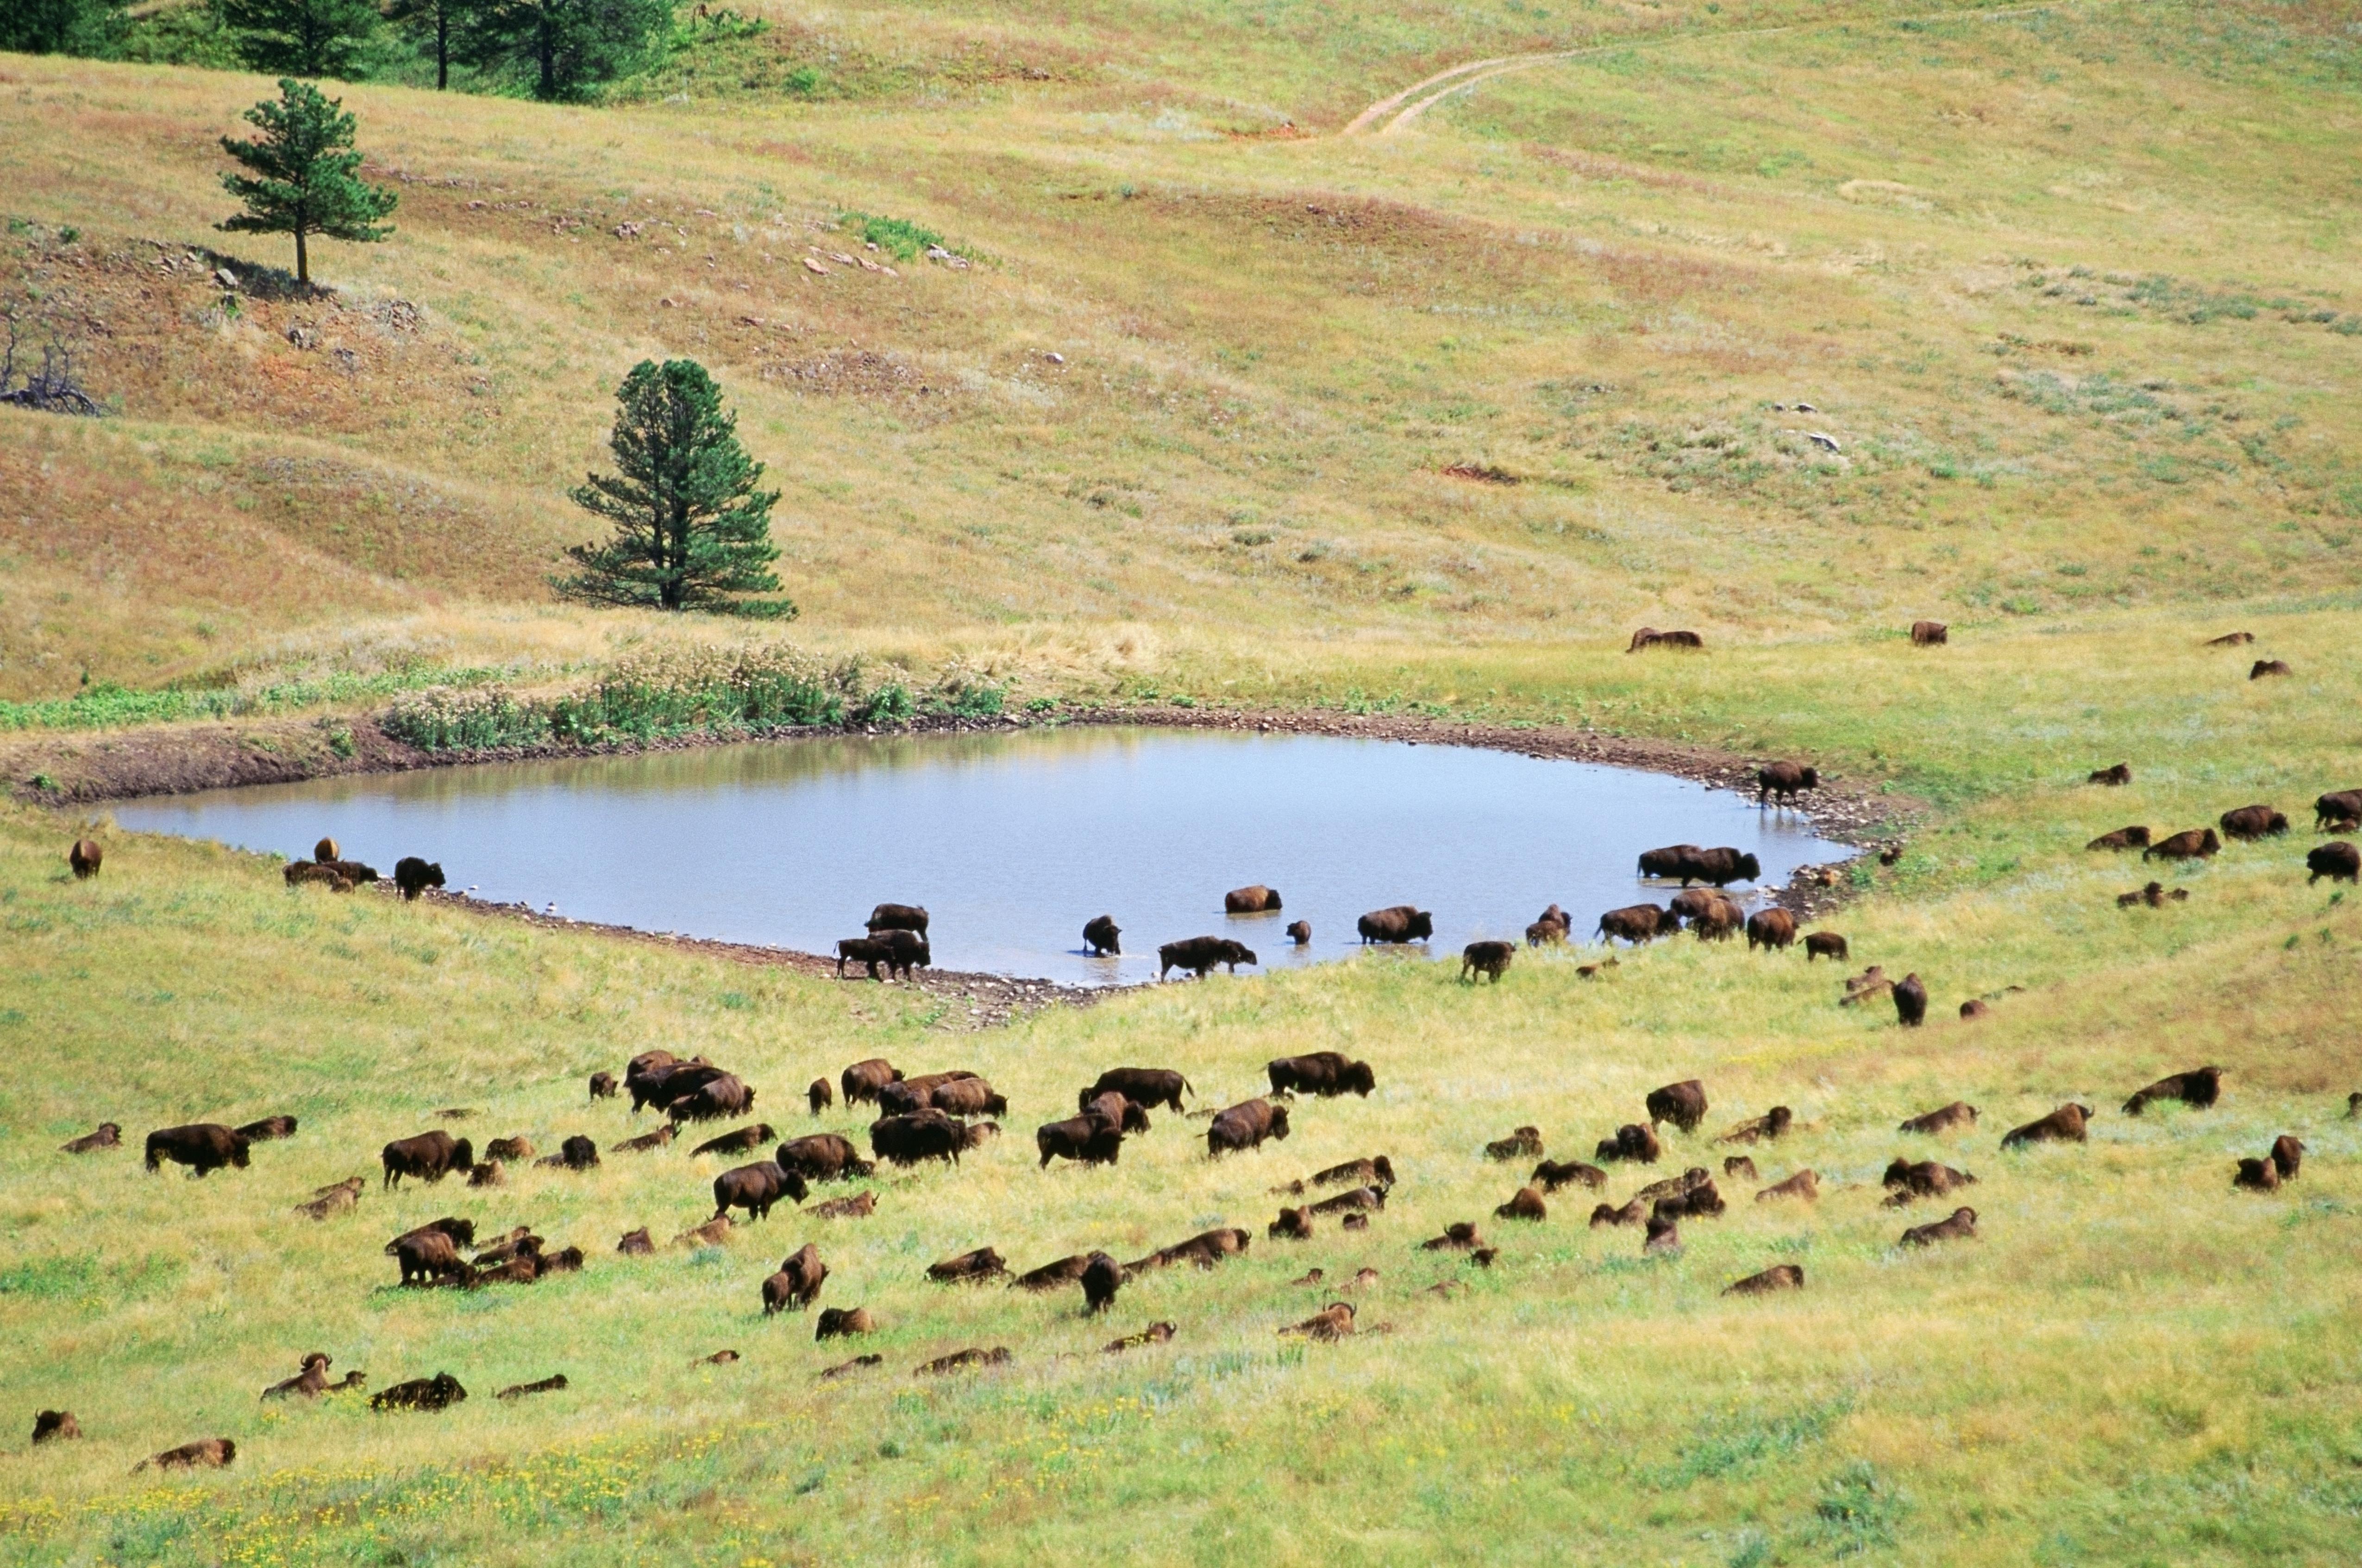 Buffalo grazing, South Dakota